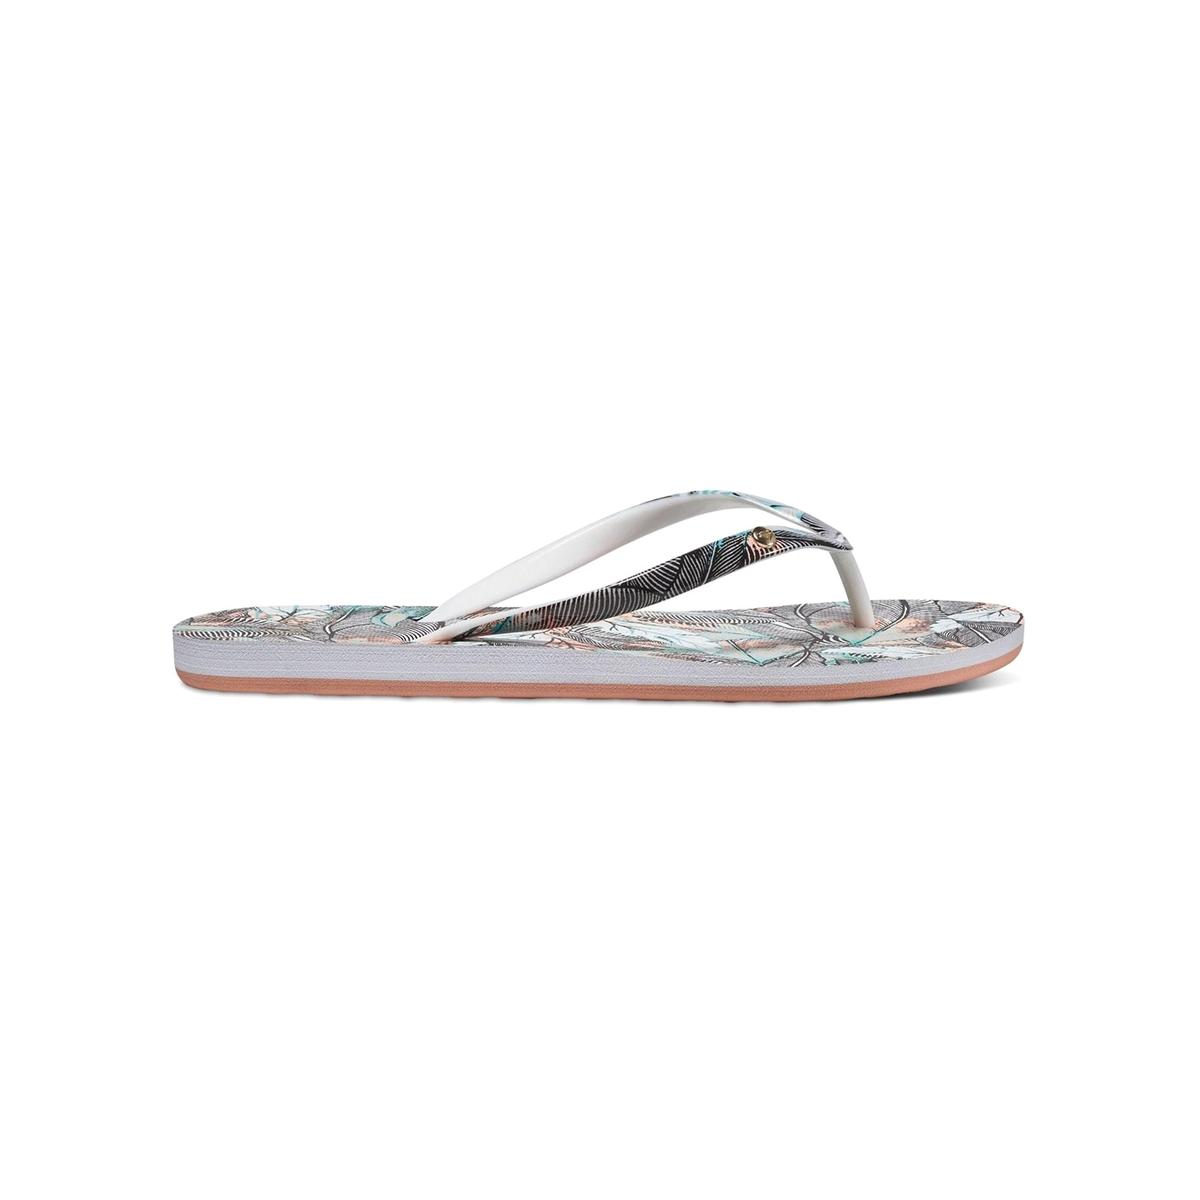 Вьетнамки PortofinoВерх : синтетика   Подошва : каучук   Форма каблука : плоский каблук   Мысок : открытый мысок   Застежка : без застежки<br><br>Цвет: серый